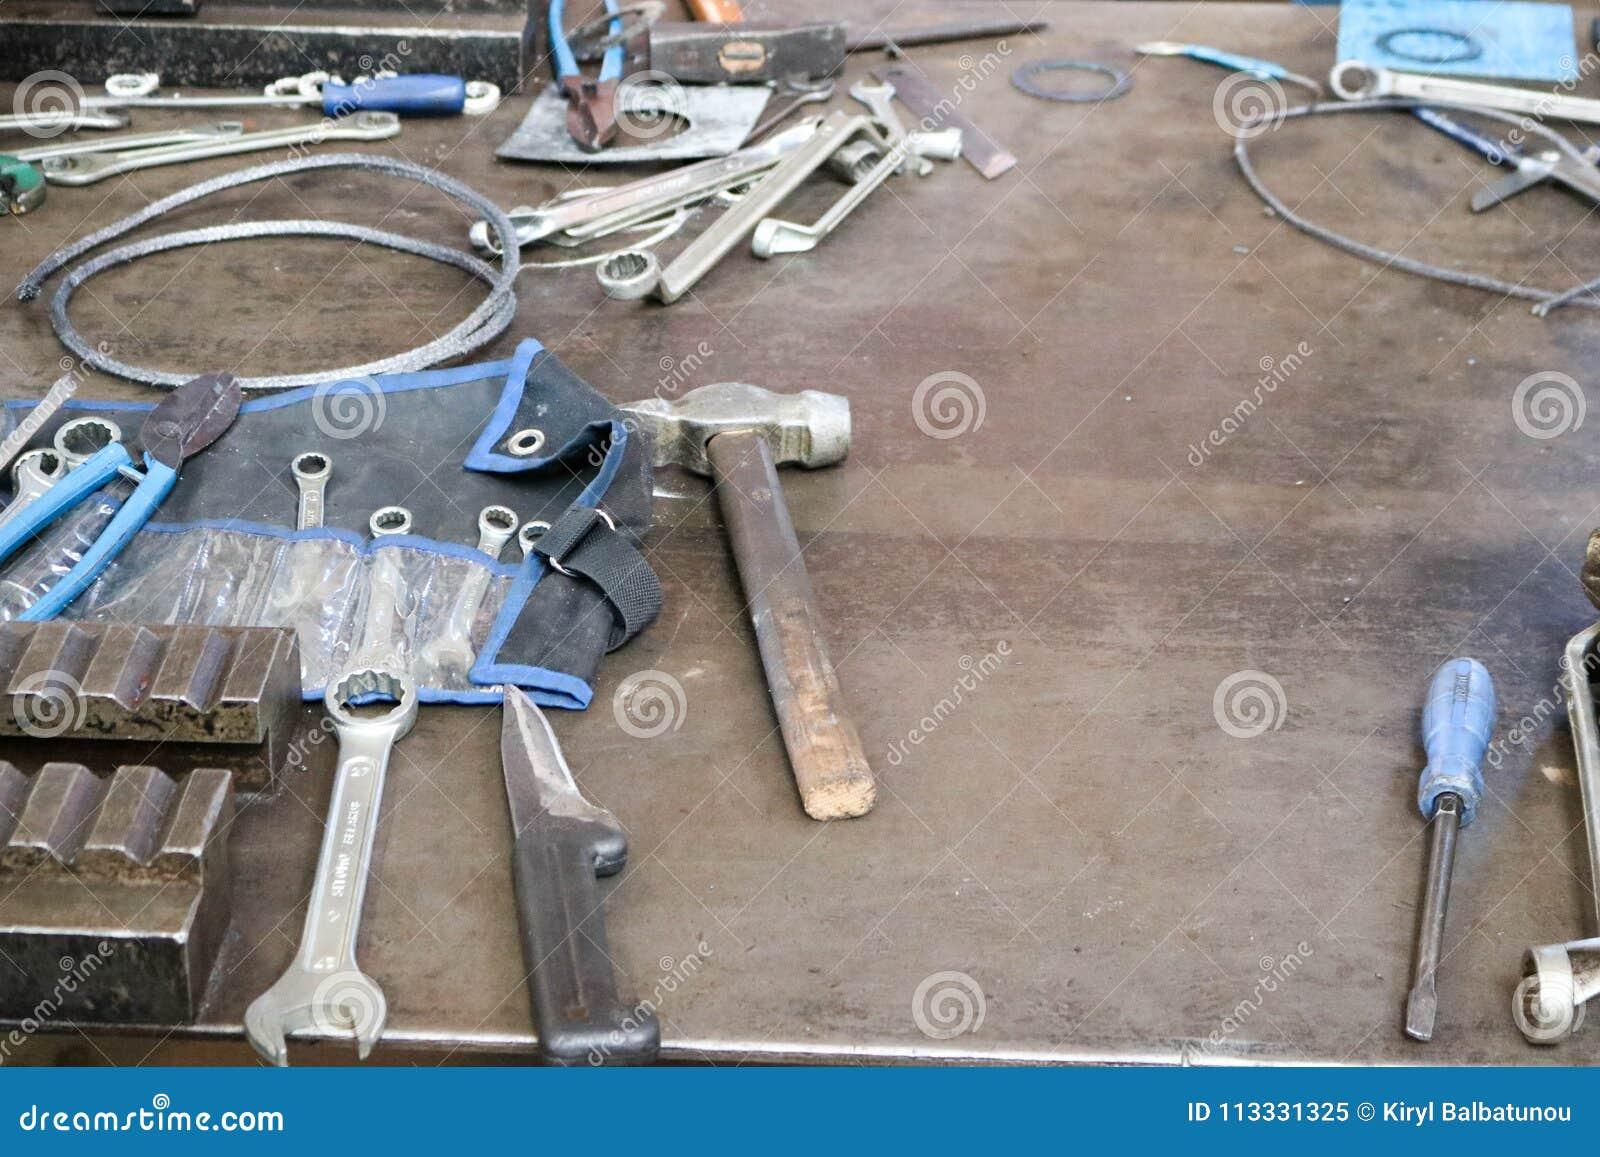 Une table de fer avec un outil de métal ouvré, clés, marteaux, tournevis, coupe-fil, couteaux, fil dans l usine, une usine